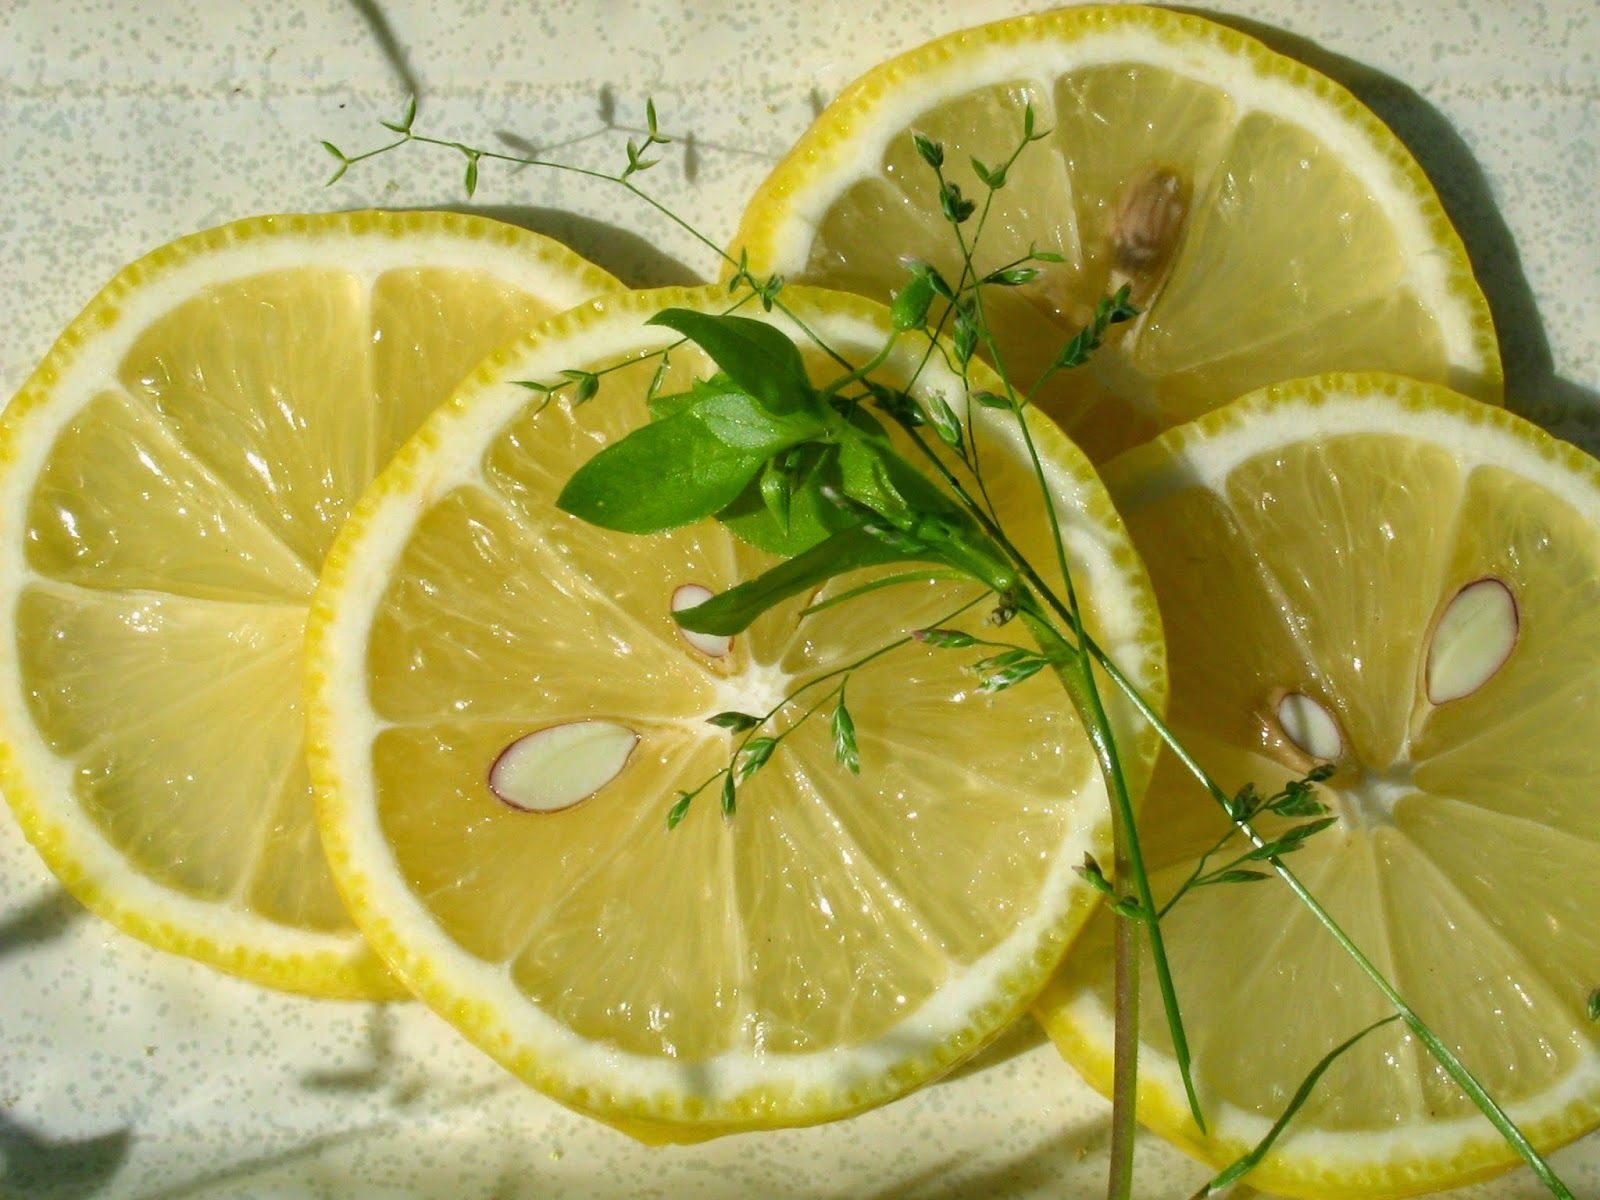 Дольки Лимона Для Похудения. Как похудеть с помощью лимона - рецепты жиросжигающих напитков и меню лимонной диеты